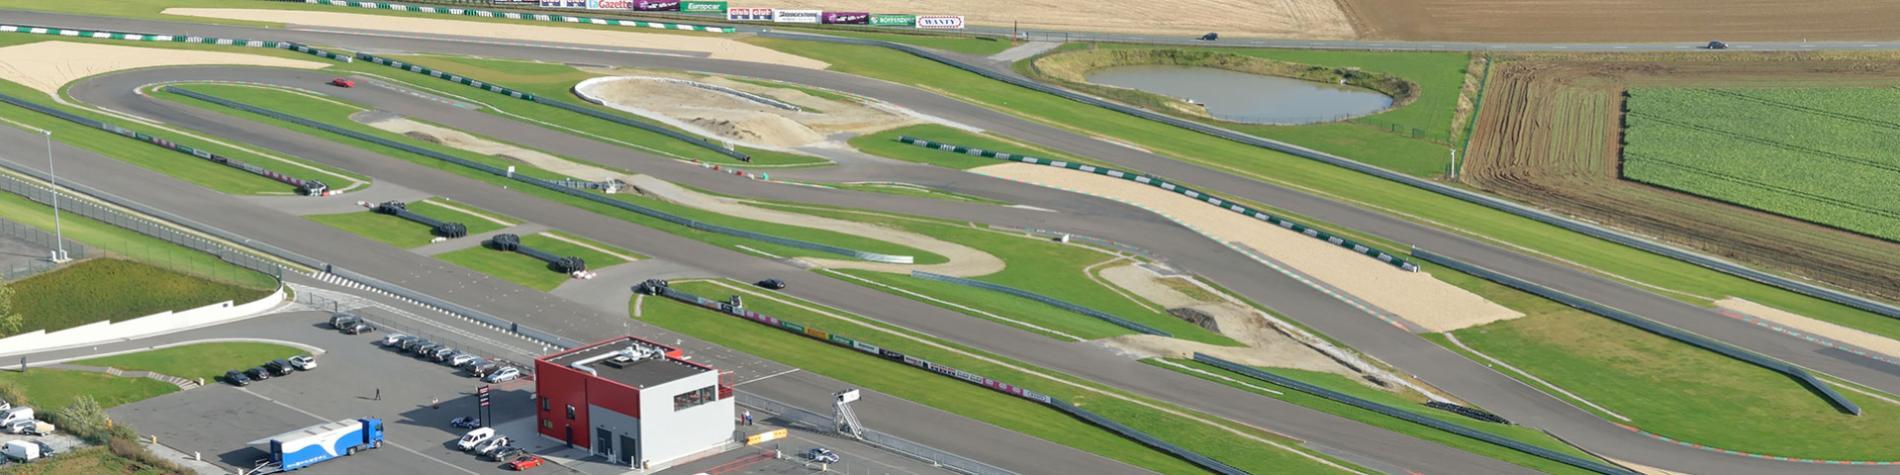 Circuit de Mettet - Circuit Jules Tacheny Mettet - Pilotage - course de voiture - moto